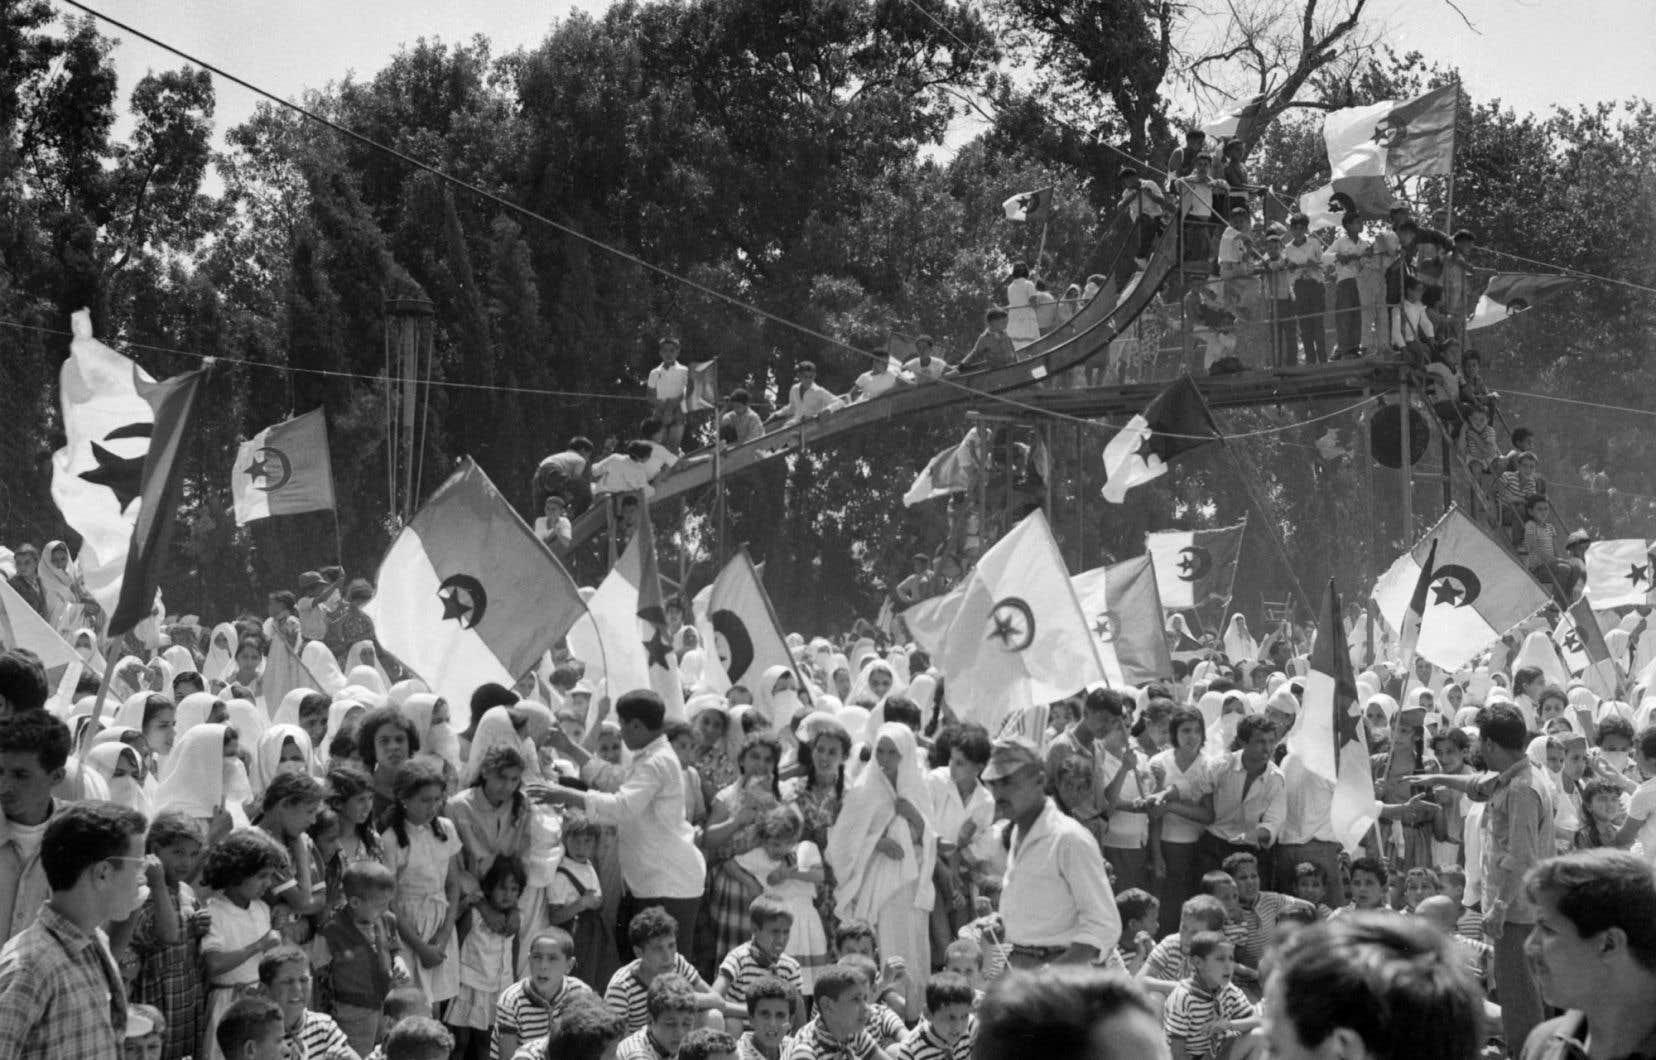 Un rassemblement organisé le 26 juin 1962par le FLN dans le cadre de la campagne pour le référendum d'autodétermination.